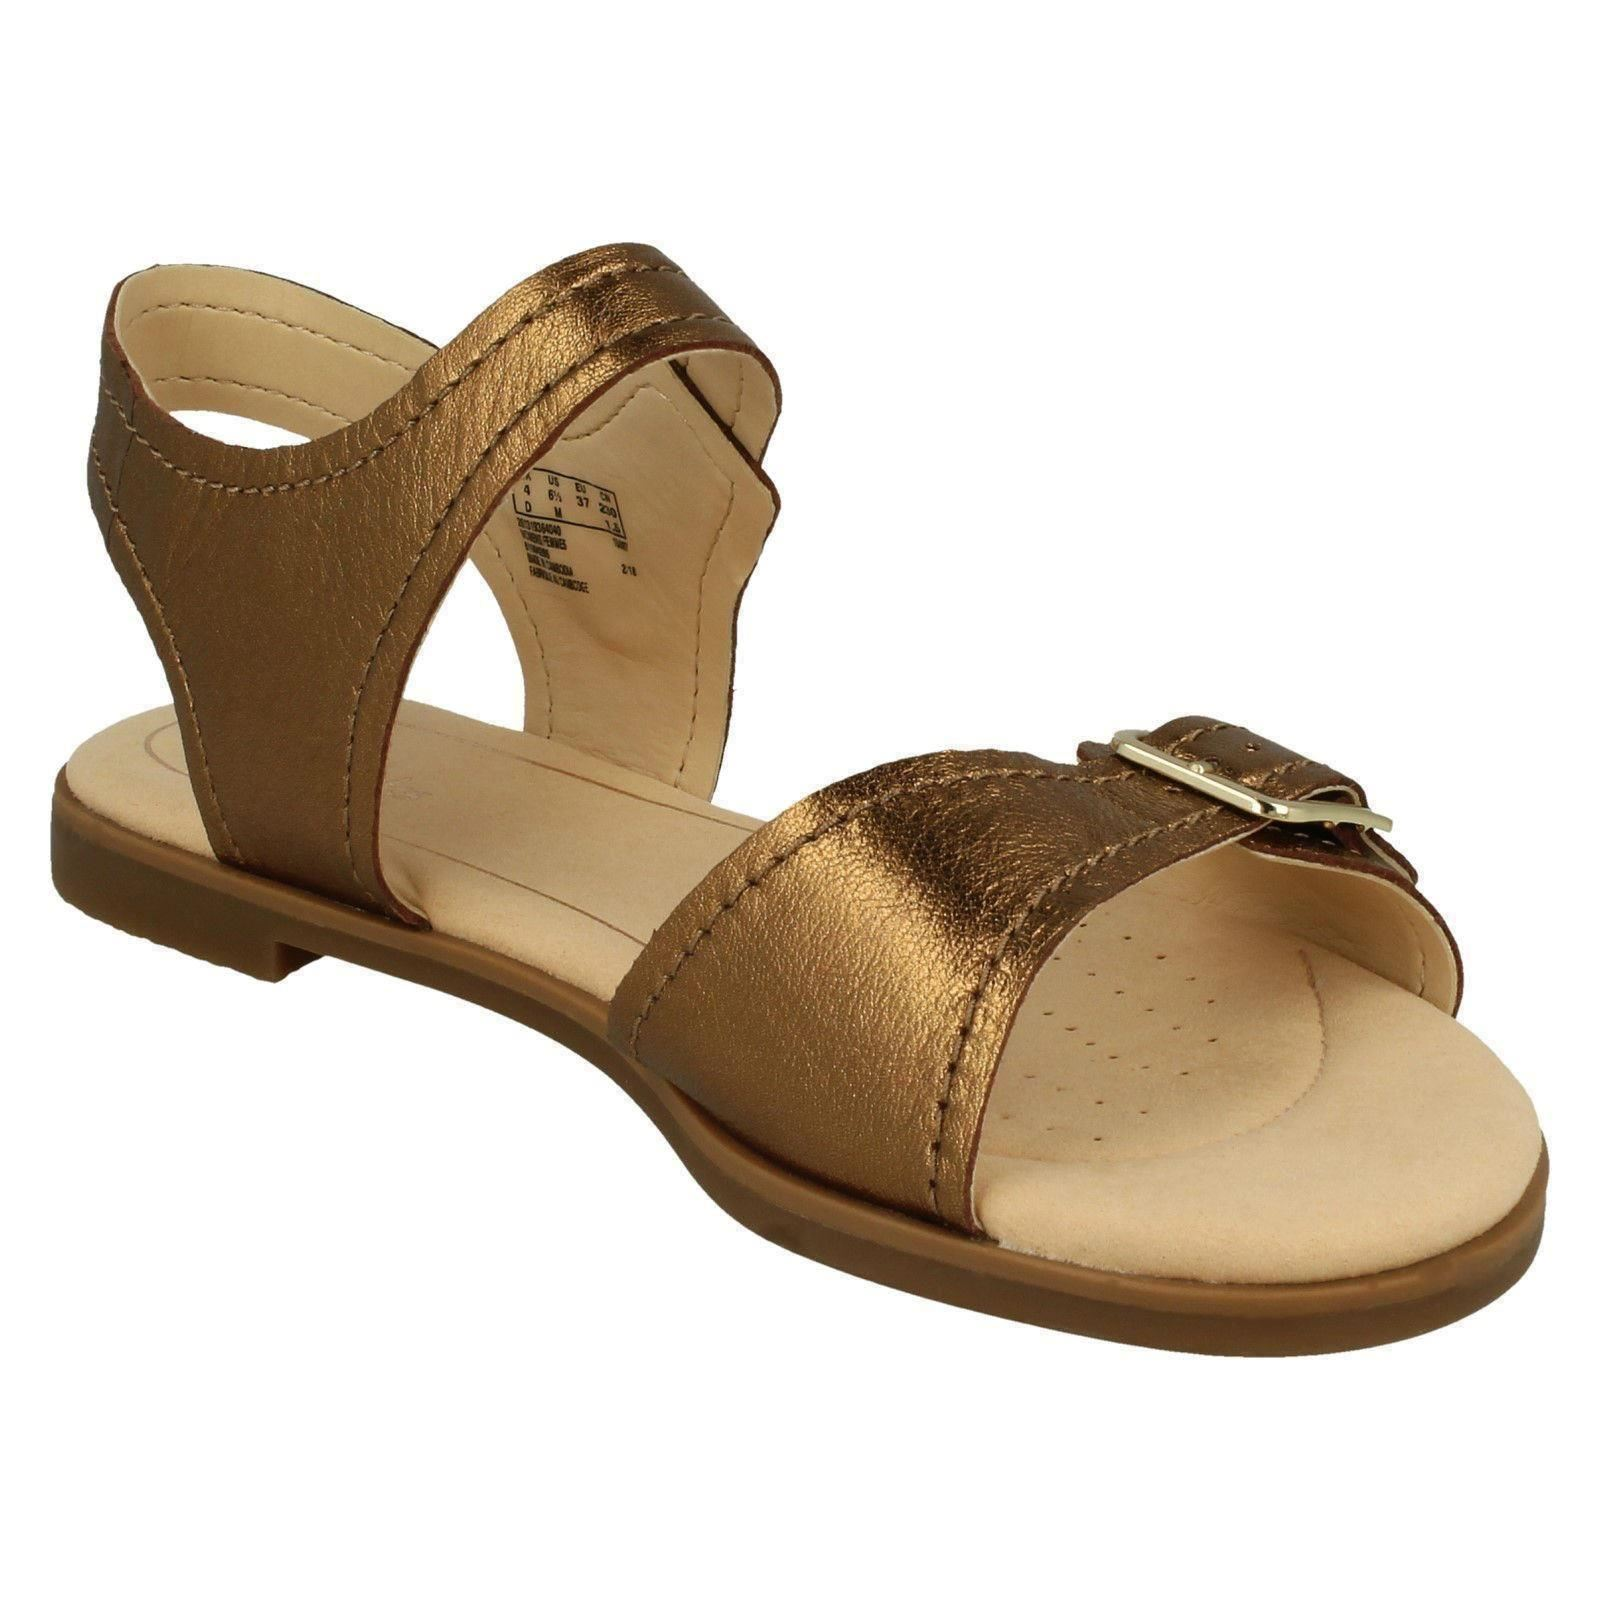 Signore Clarks punta aperta sandali sandali aperta casual Bay Primrose 165bd9